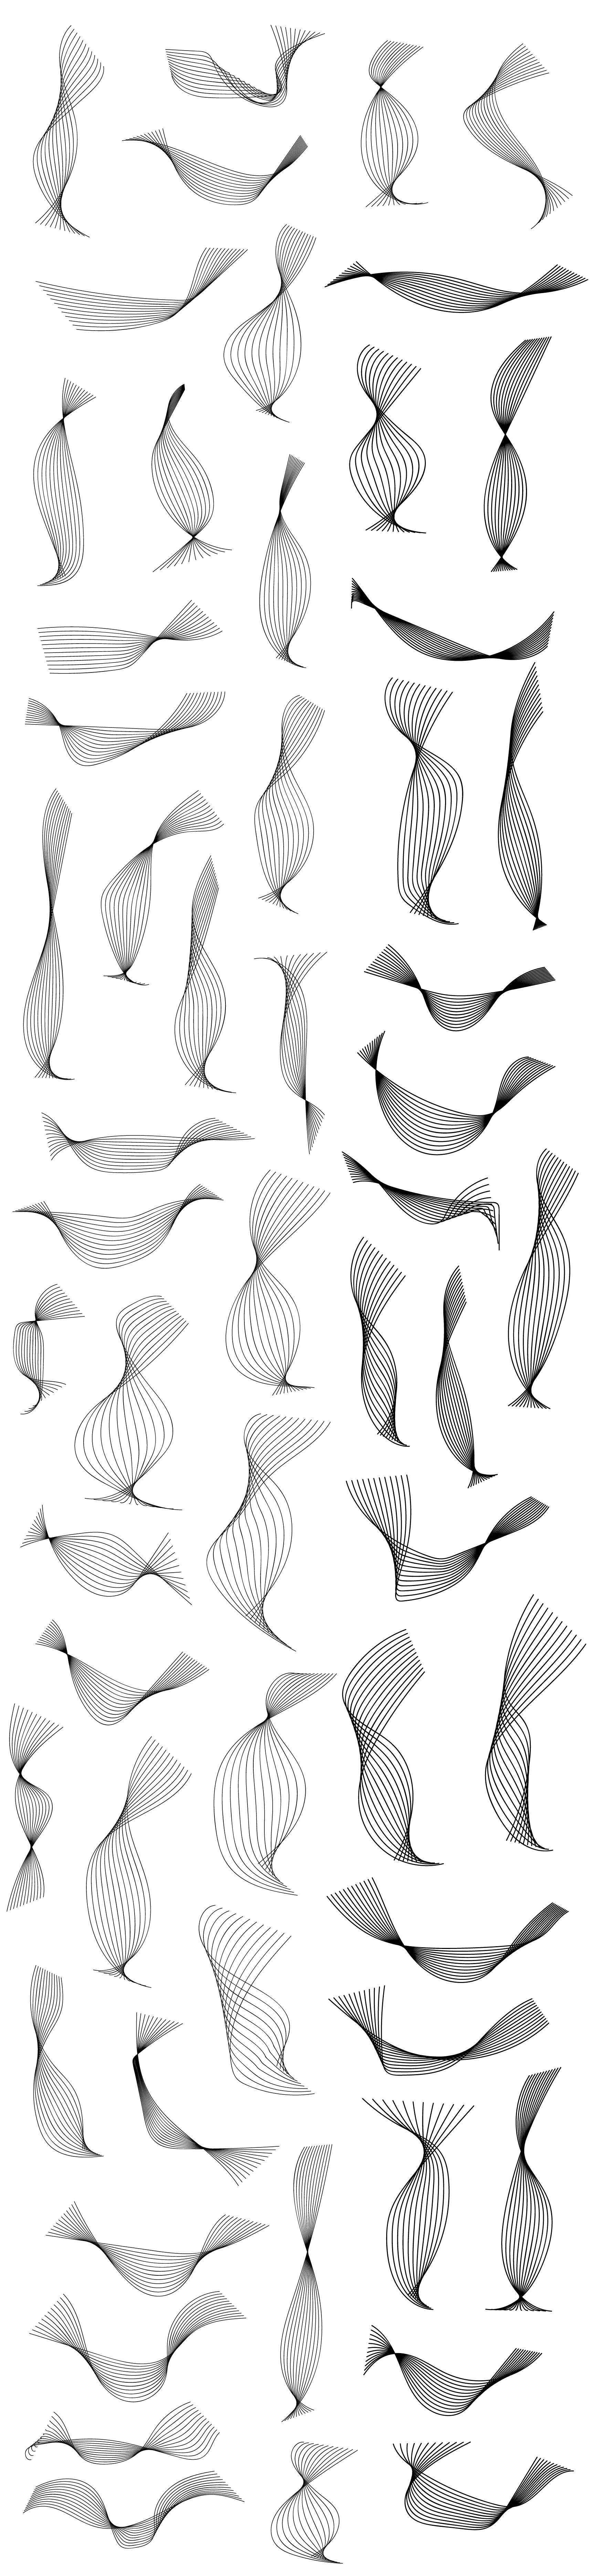 50-abstarct-spirals-vectors